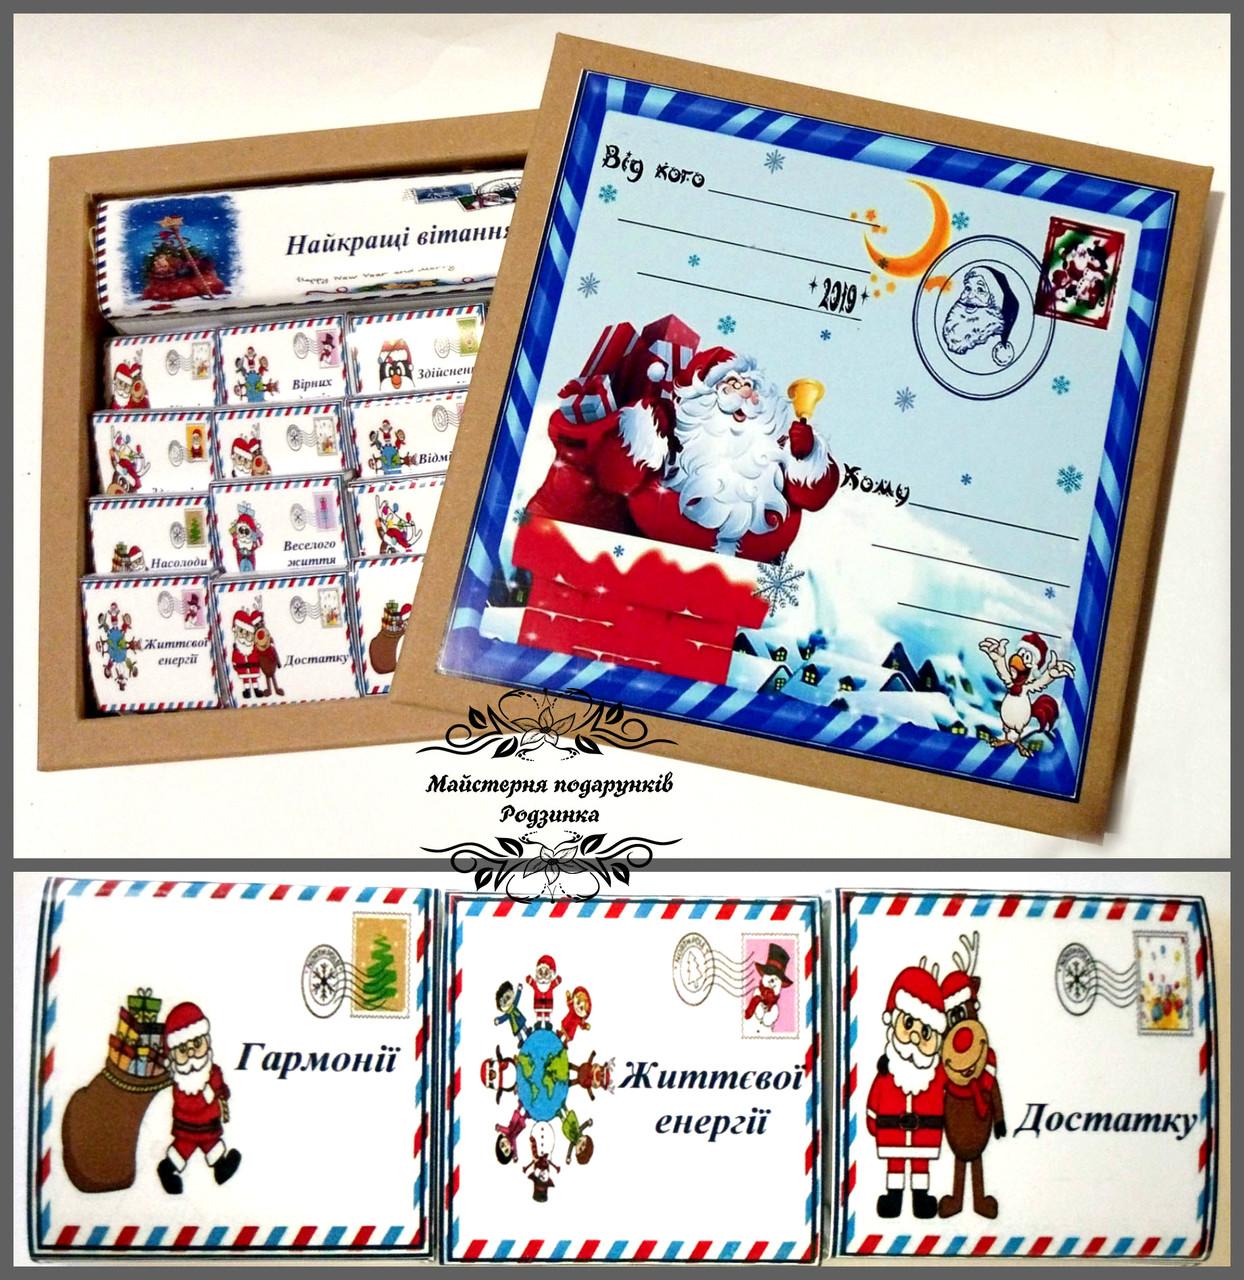 Подарунок на Новий рік лист від Діда Мороза або від Миколая. Шоколадний подарунковий набір Новорічний лист